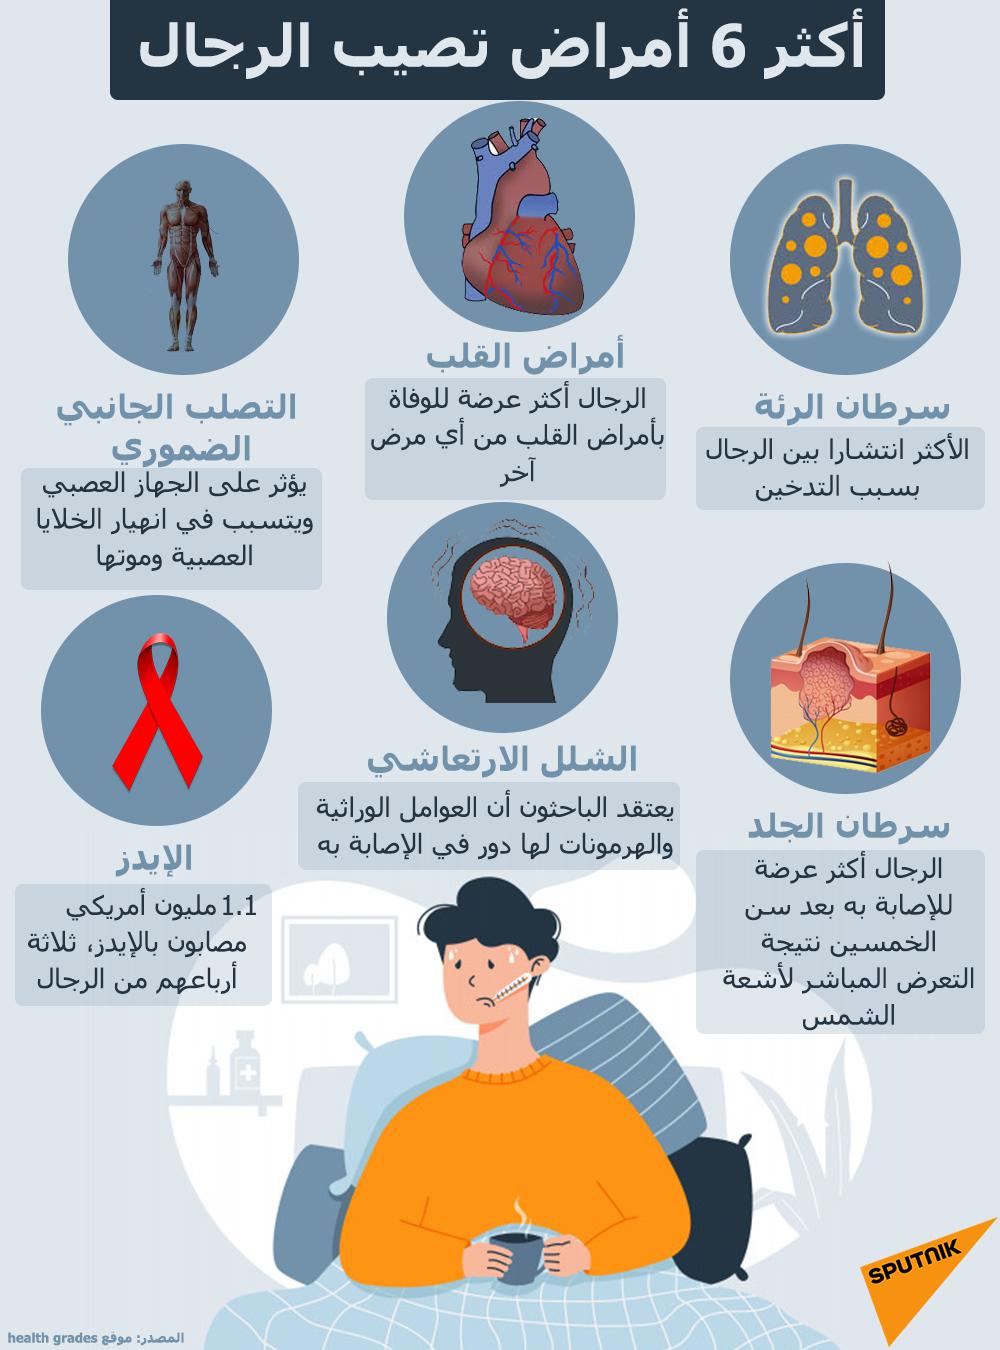 أكثر 6 أمراض تصيب الرجال